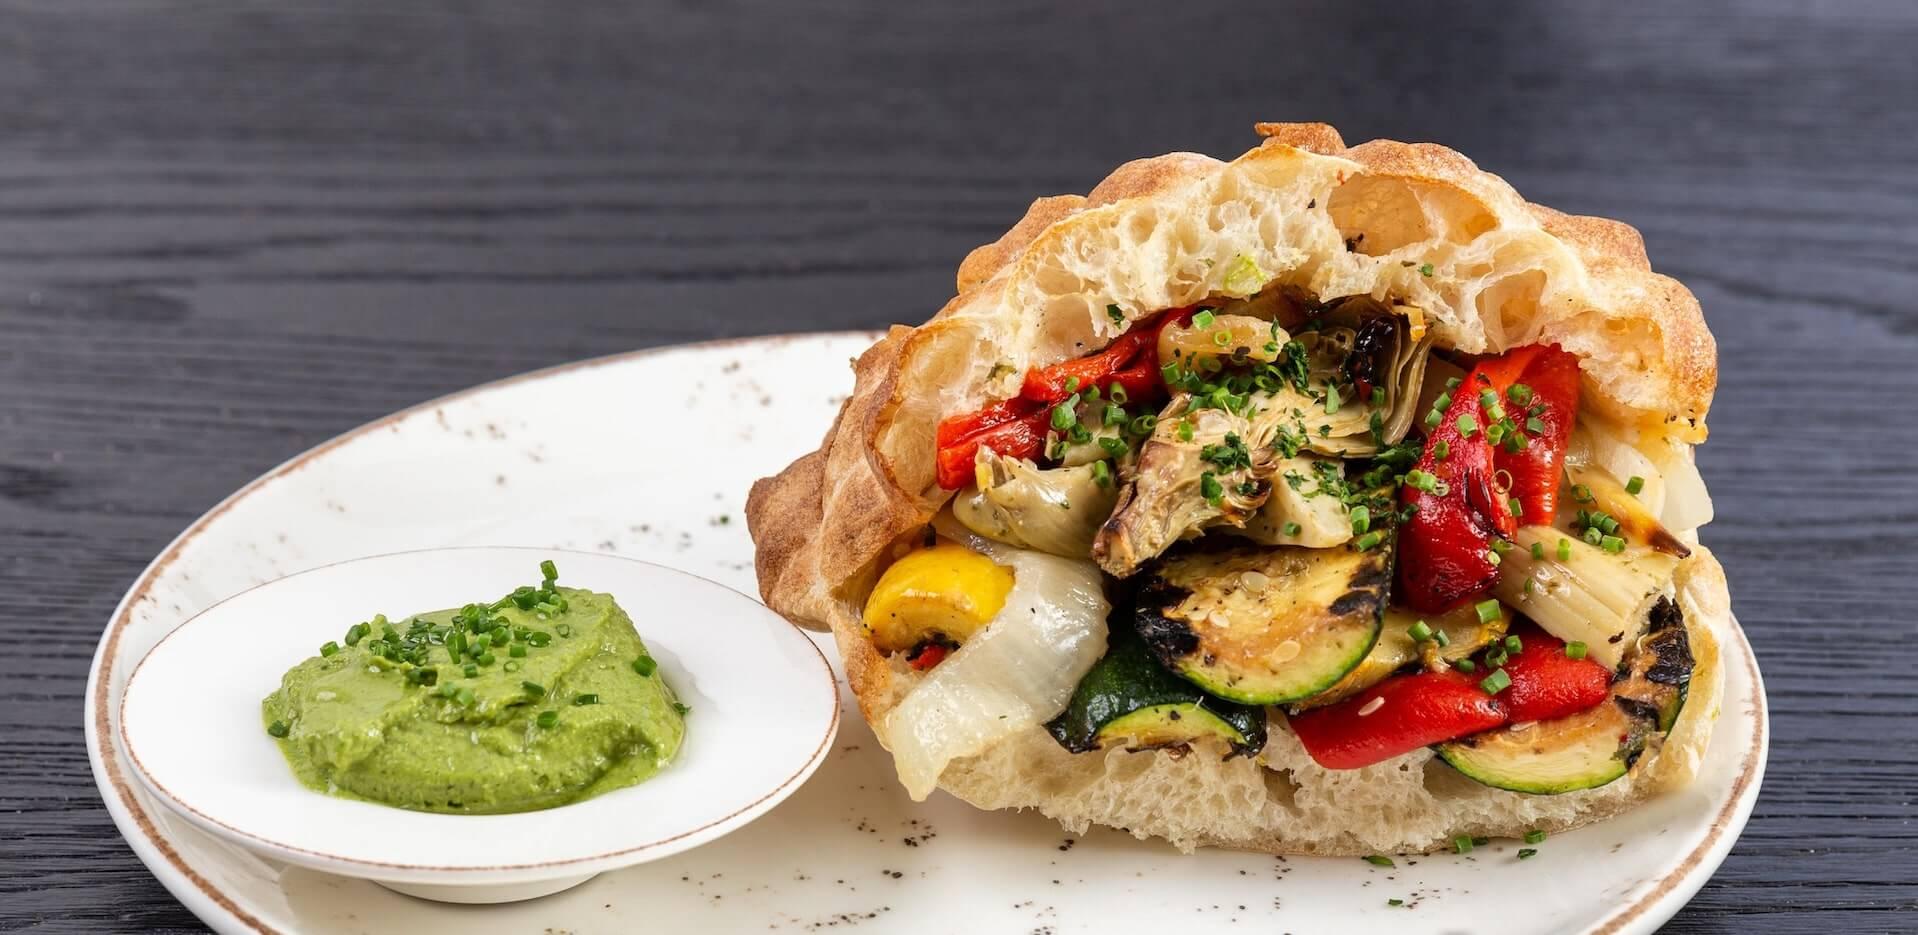 Fire Roasted Veggie Sandwich